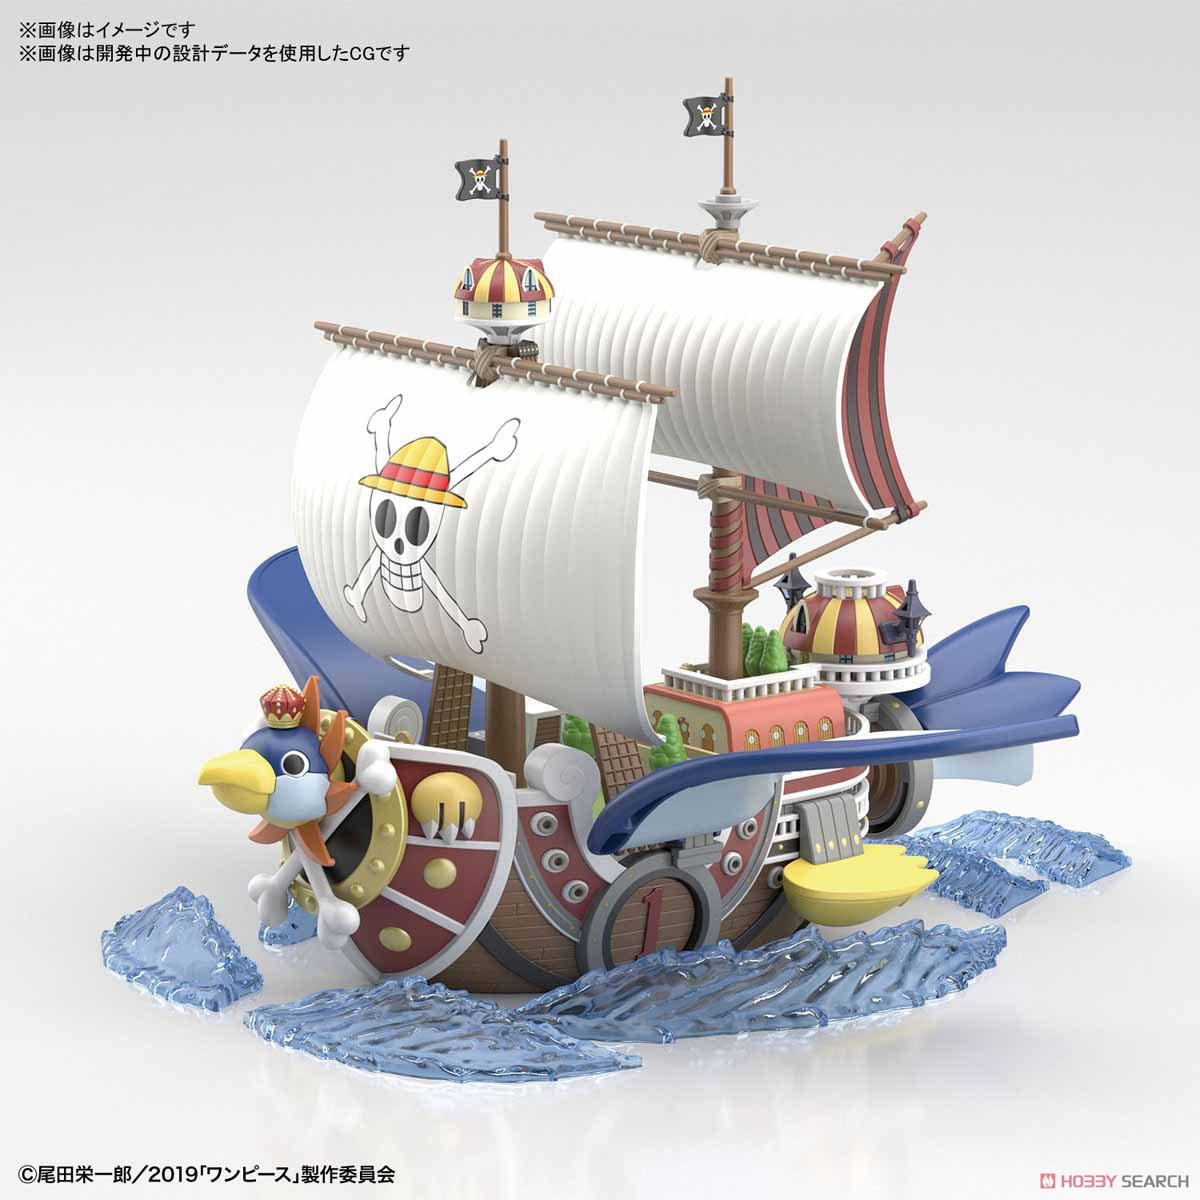 偉大なる船コレクション『サウザンド・サニー号 フライングモデル』ワンピース プラモデル-003